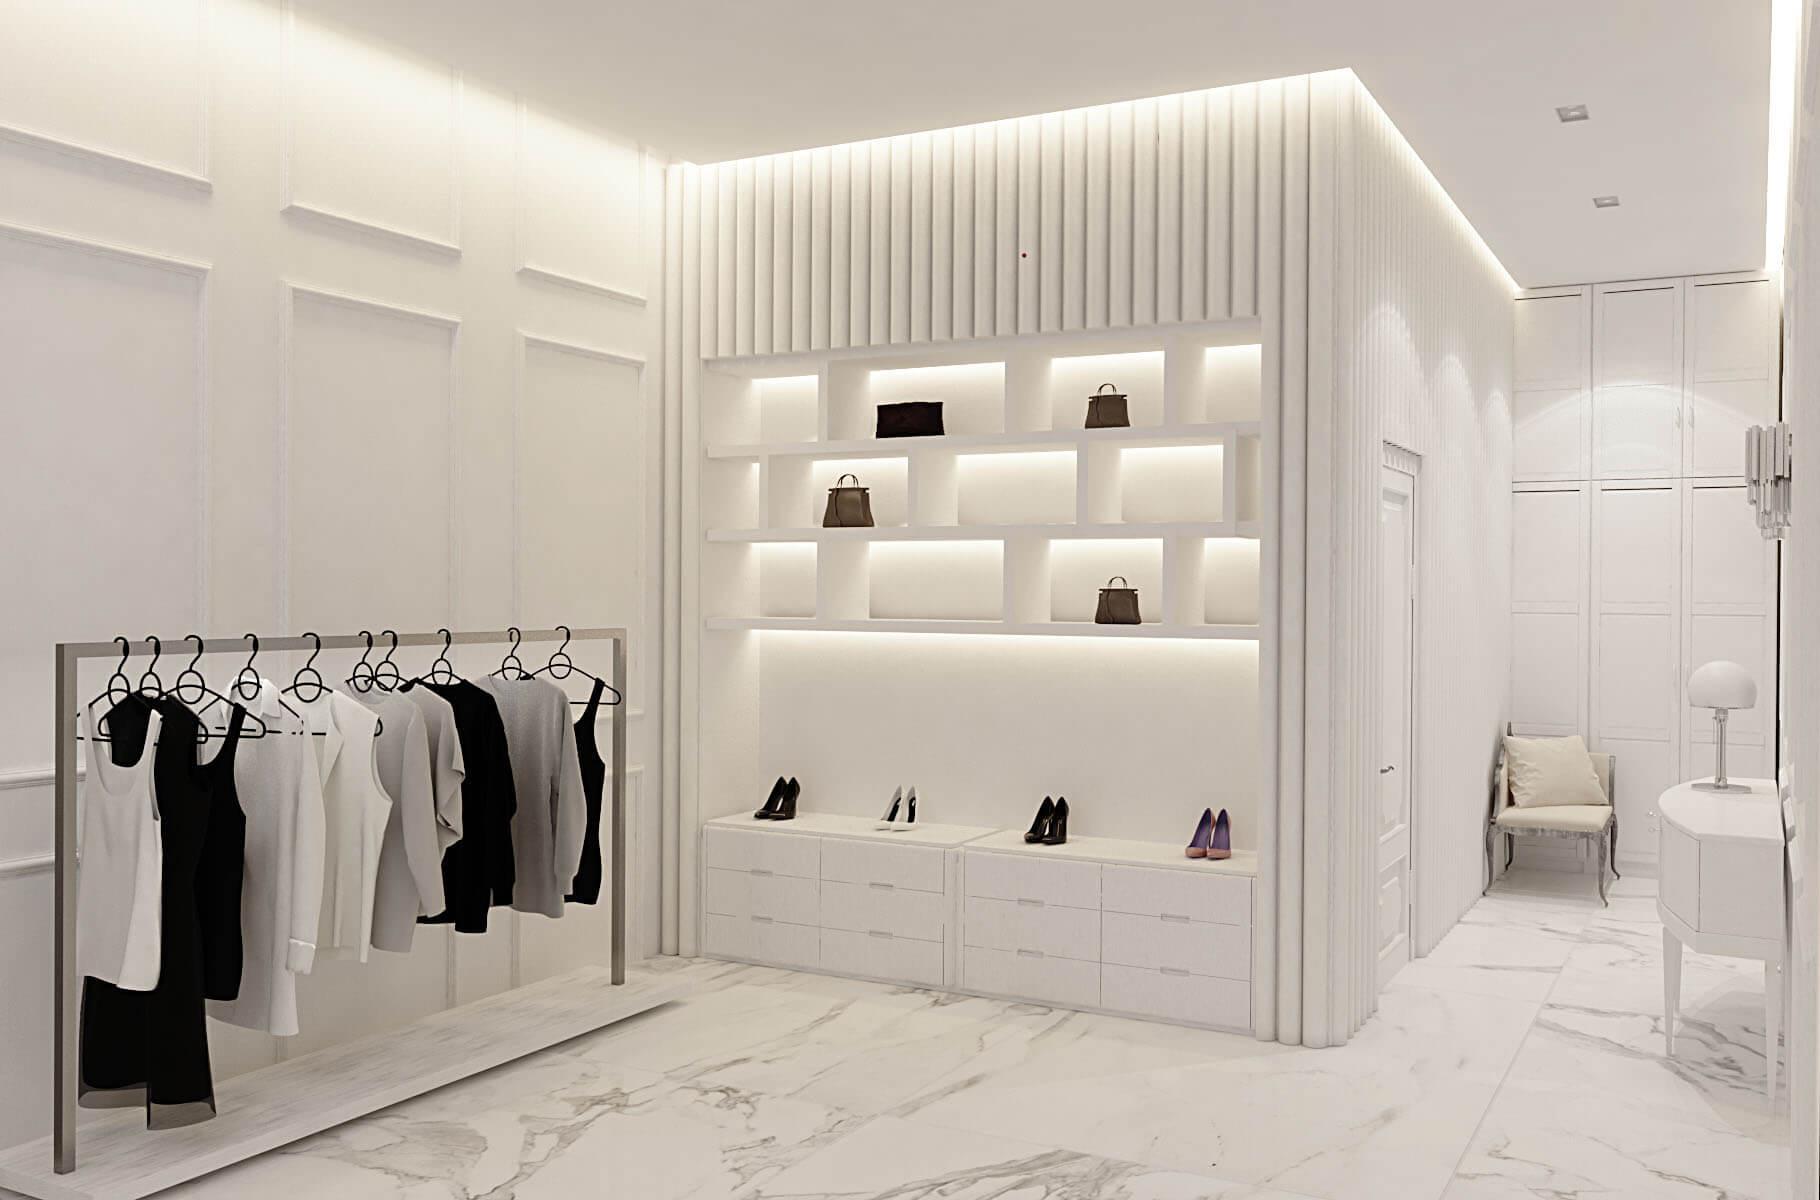 Элементы дизайна интерьера магазина одежды на Лютеранской